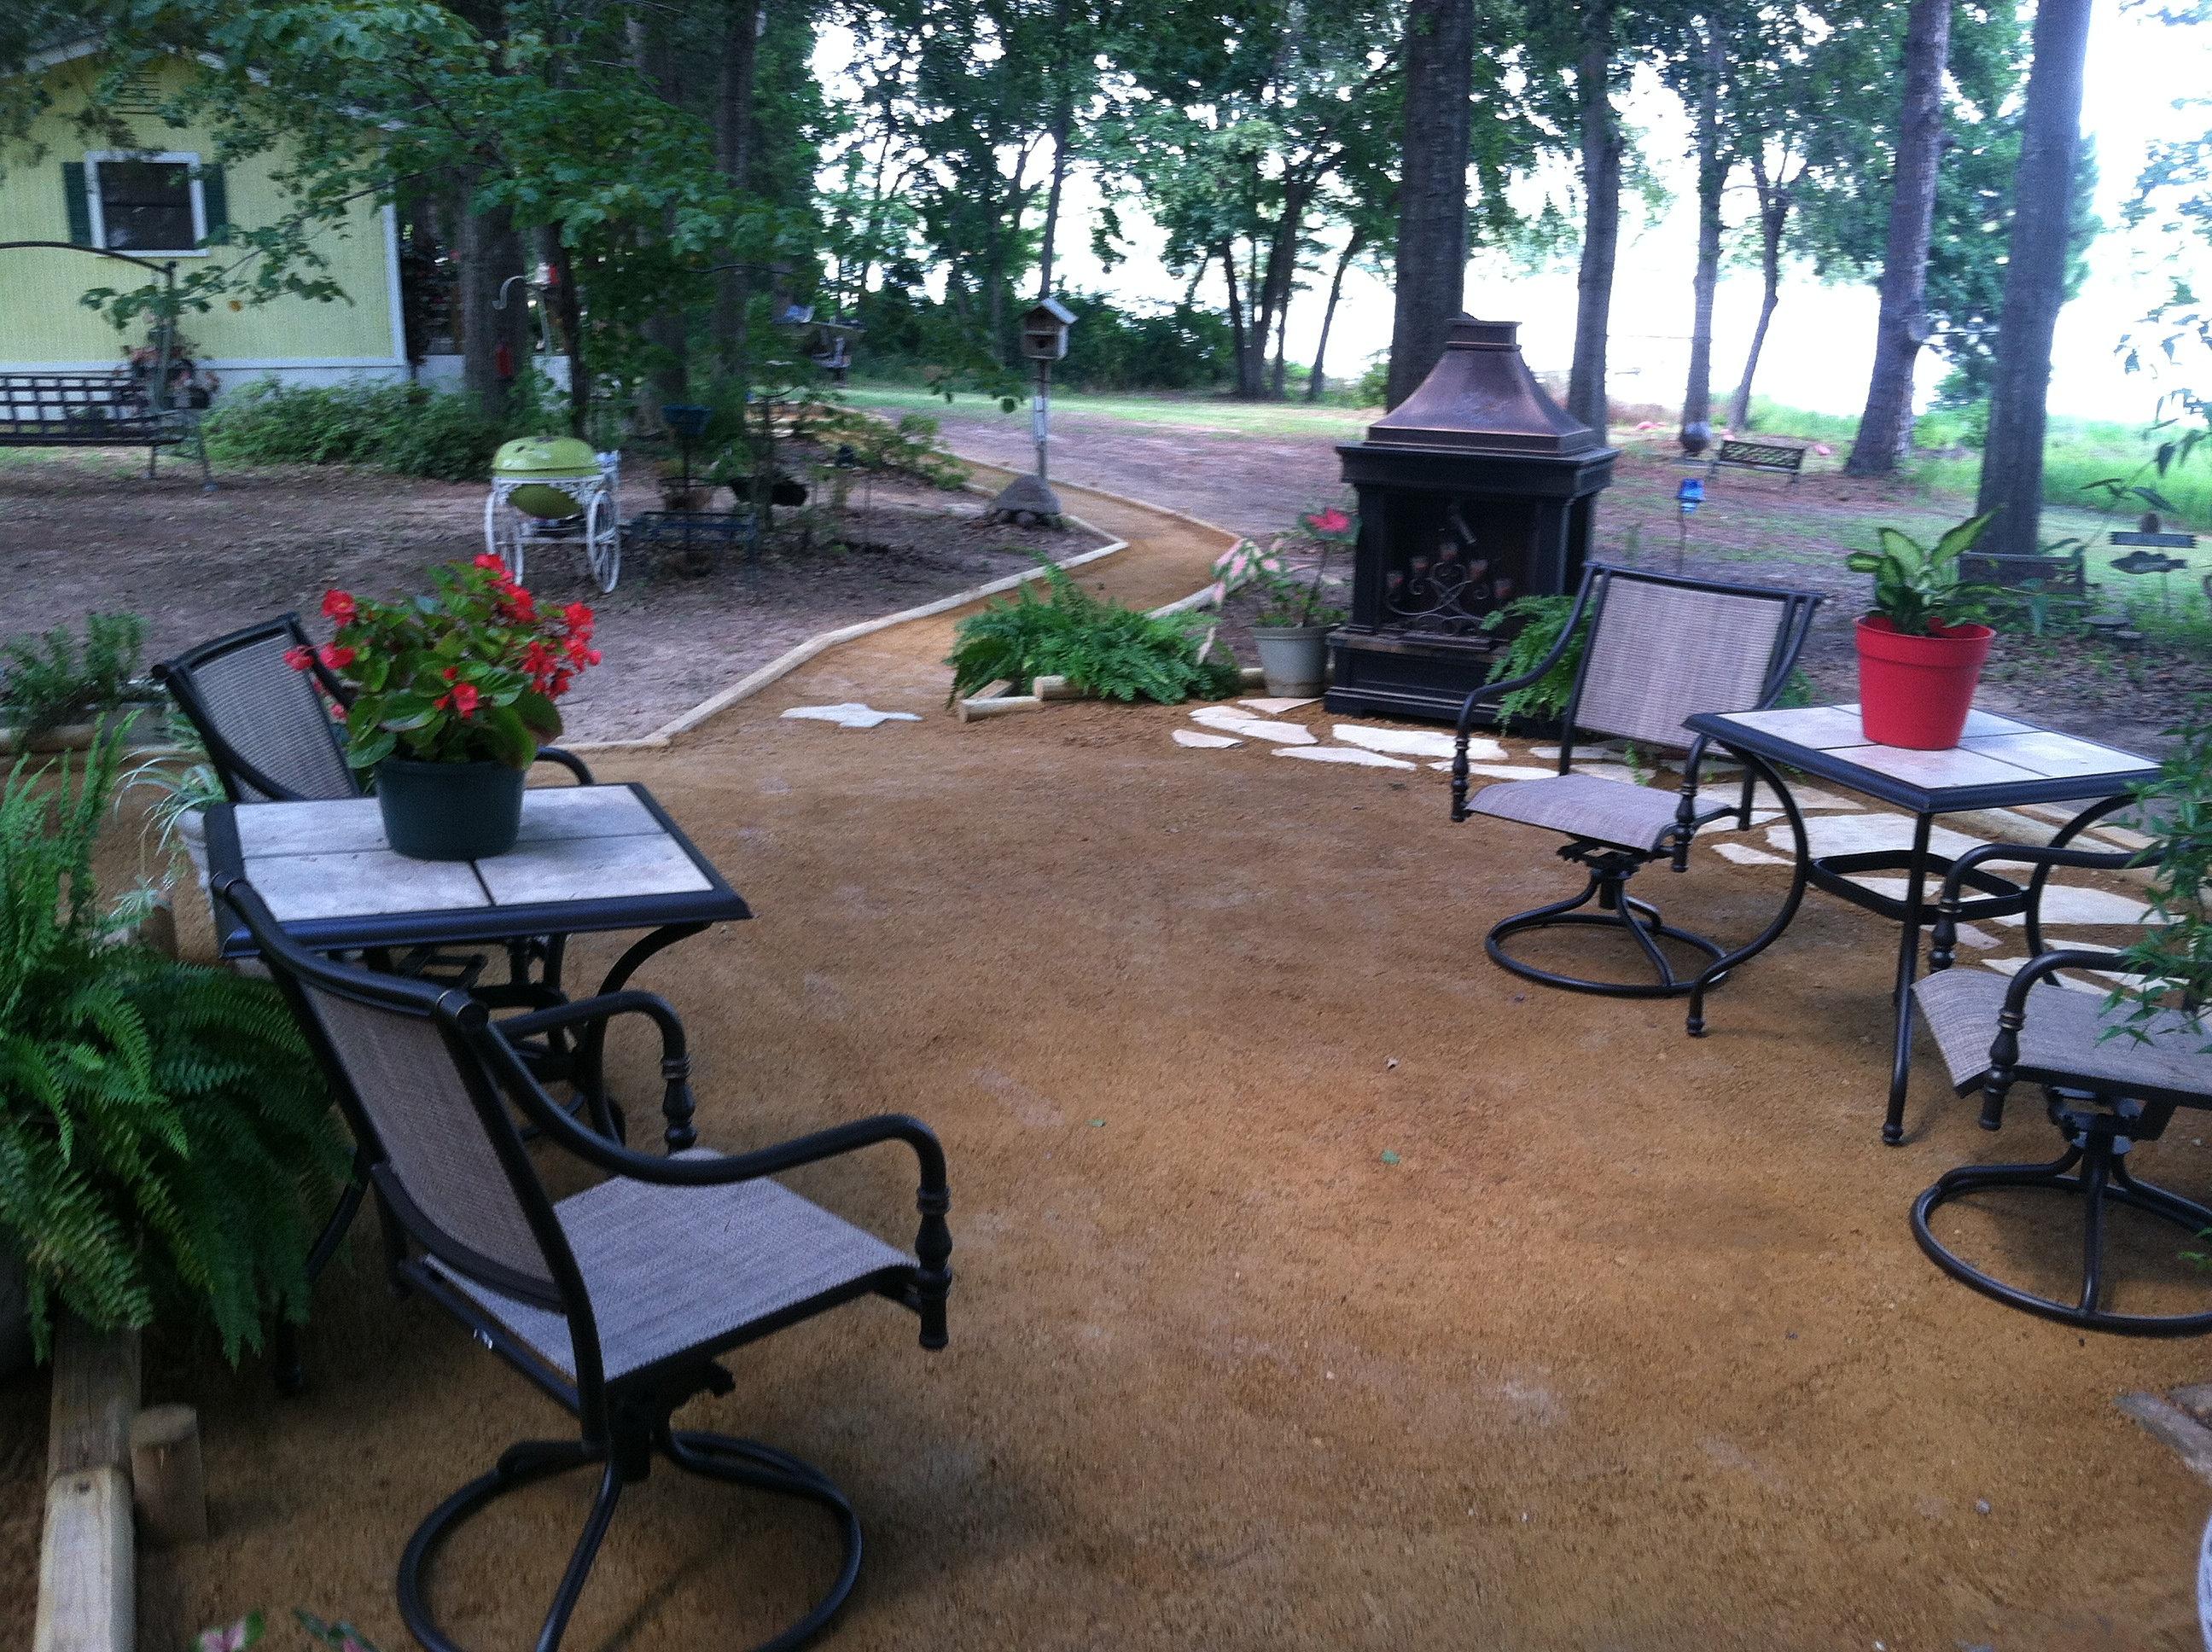 Cowboys Lawn and Landscape serving Quitman Winnsboro